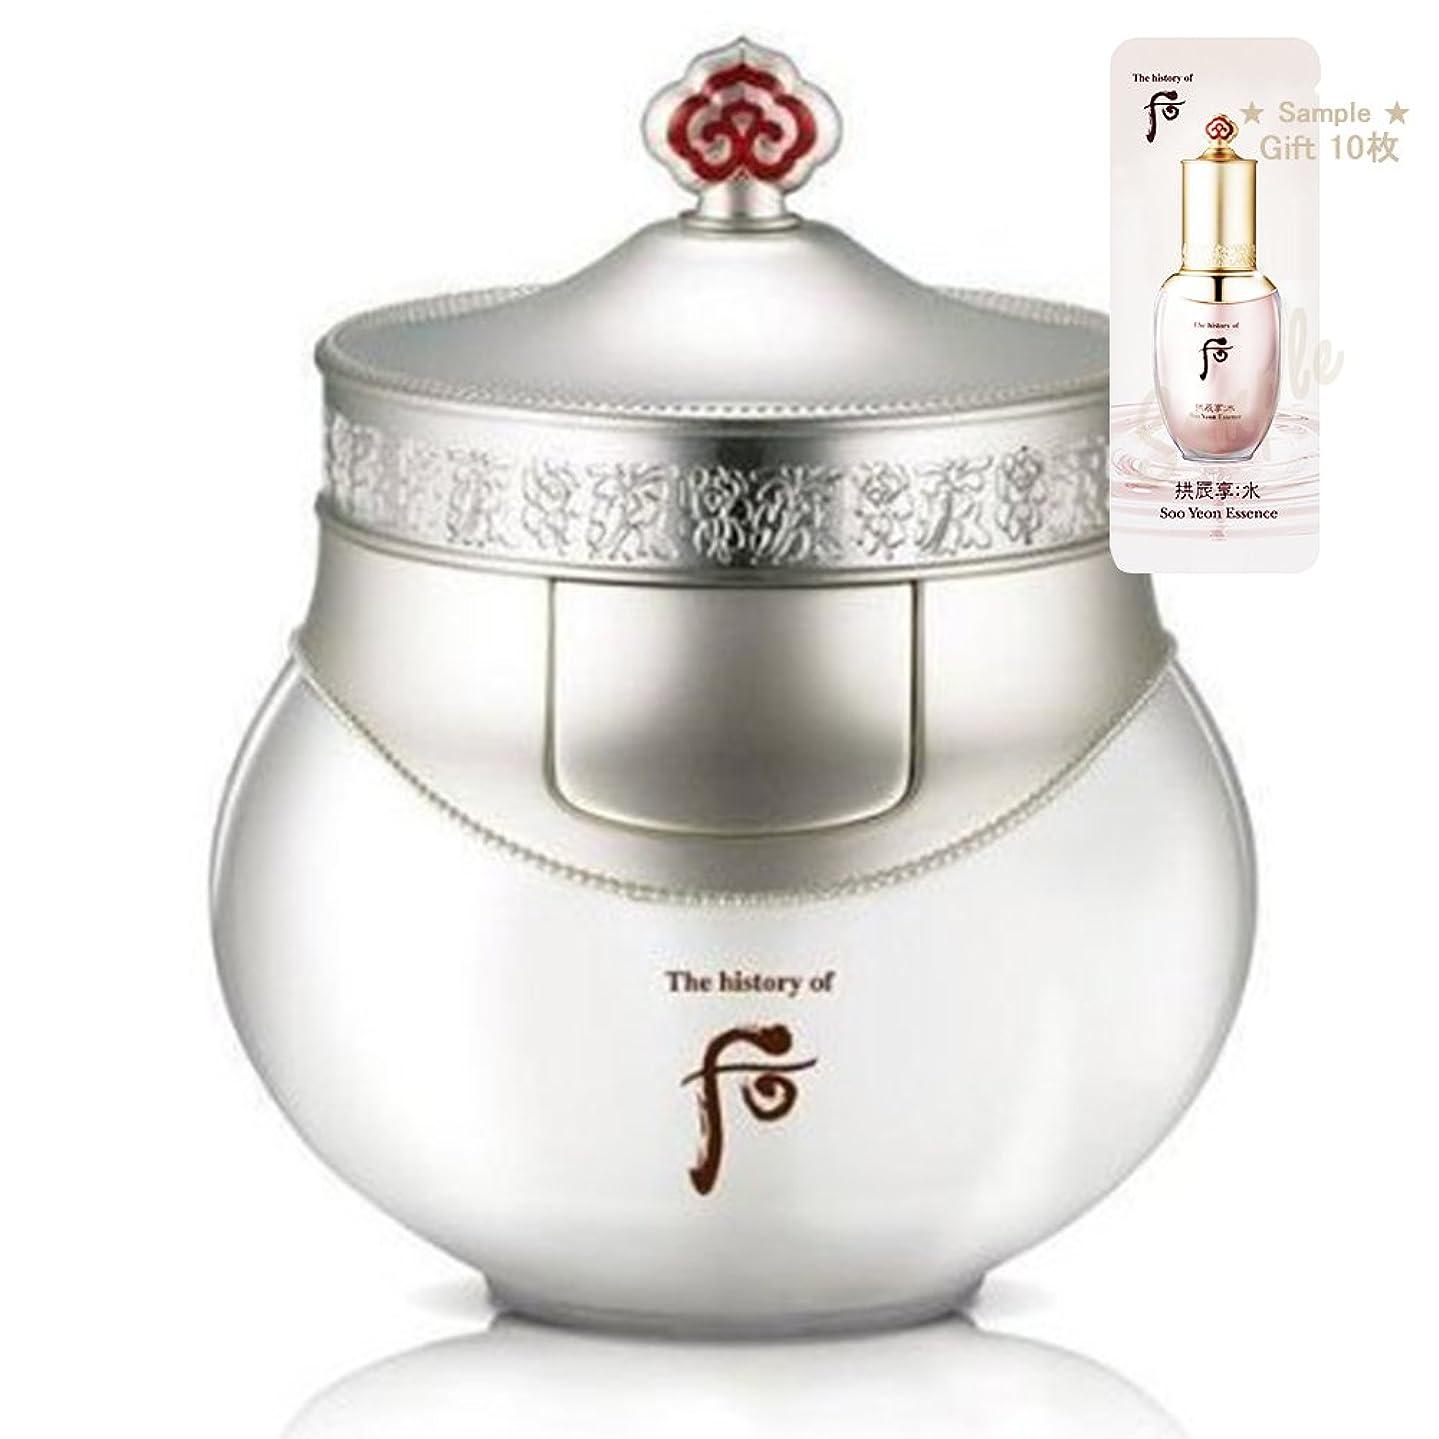 ワット幹ペックThe history of whoo Gongjinhyang Seol Whitening & Mositure Cream - 60ml[並行輸入品]